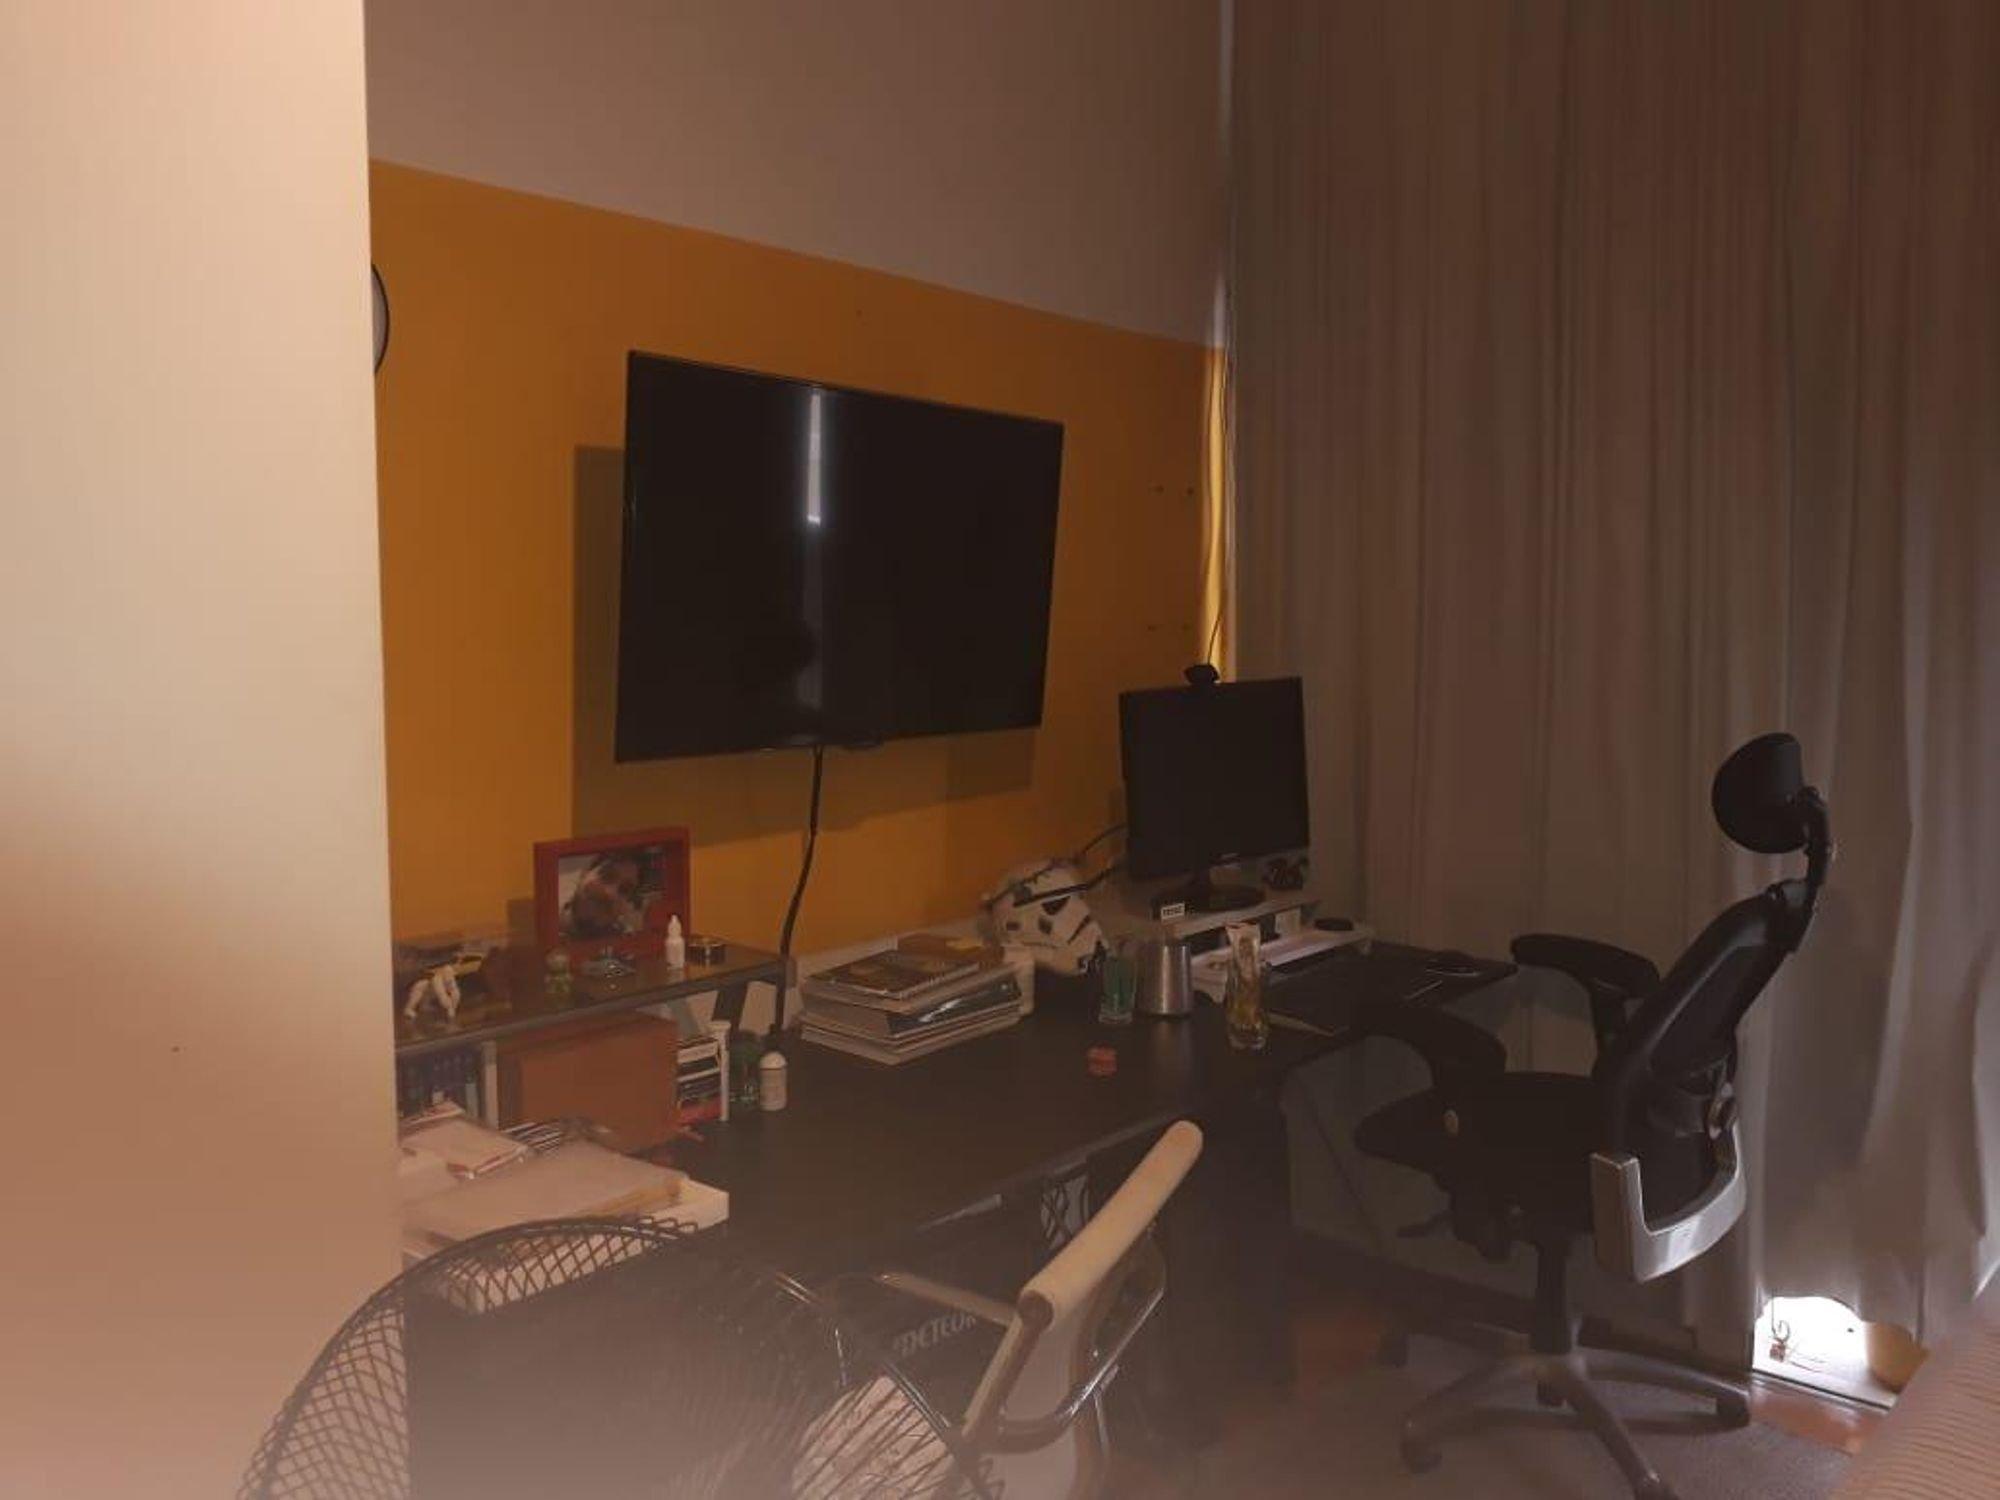 Nesta foto há mouse, televisão, cadeira